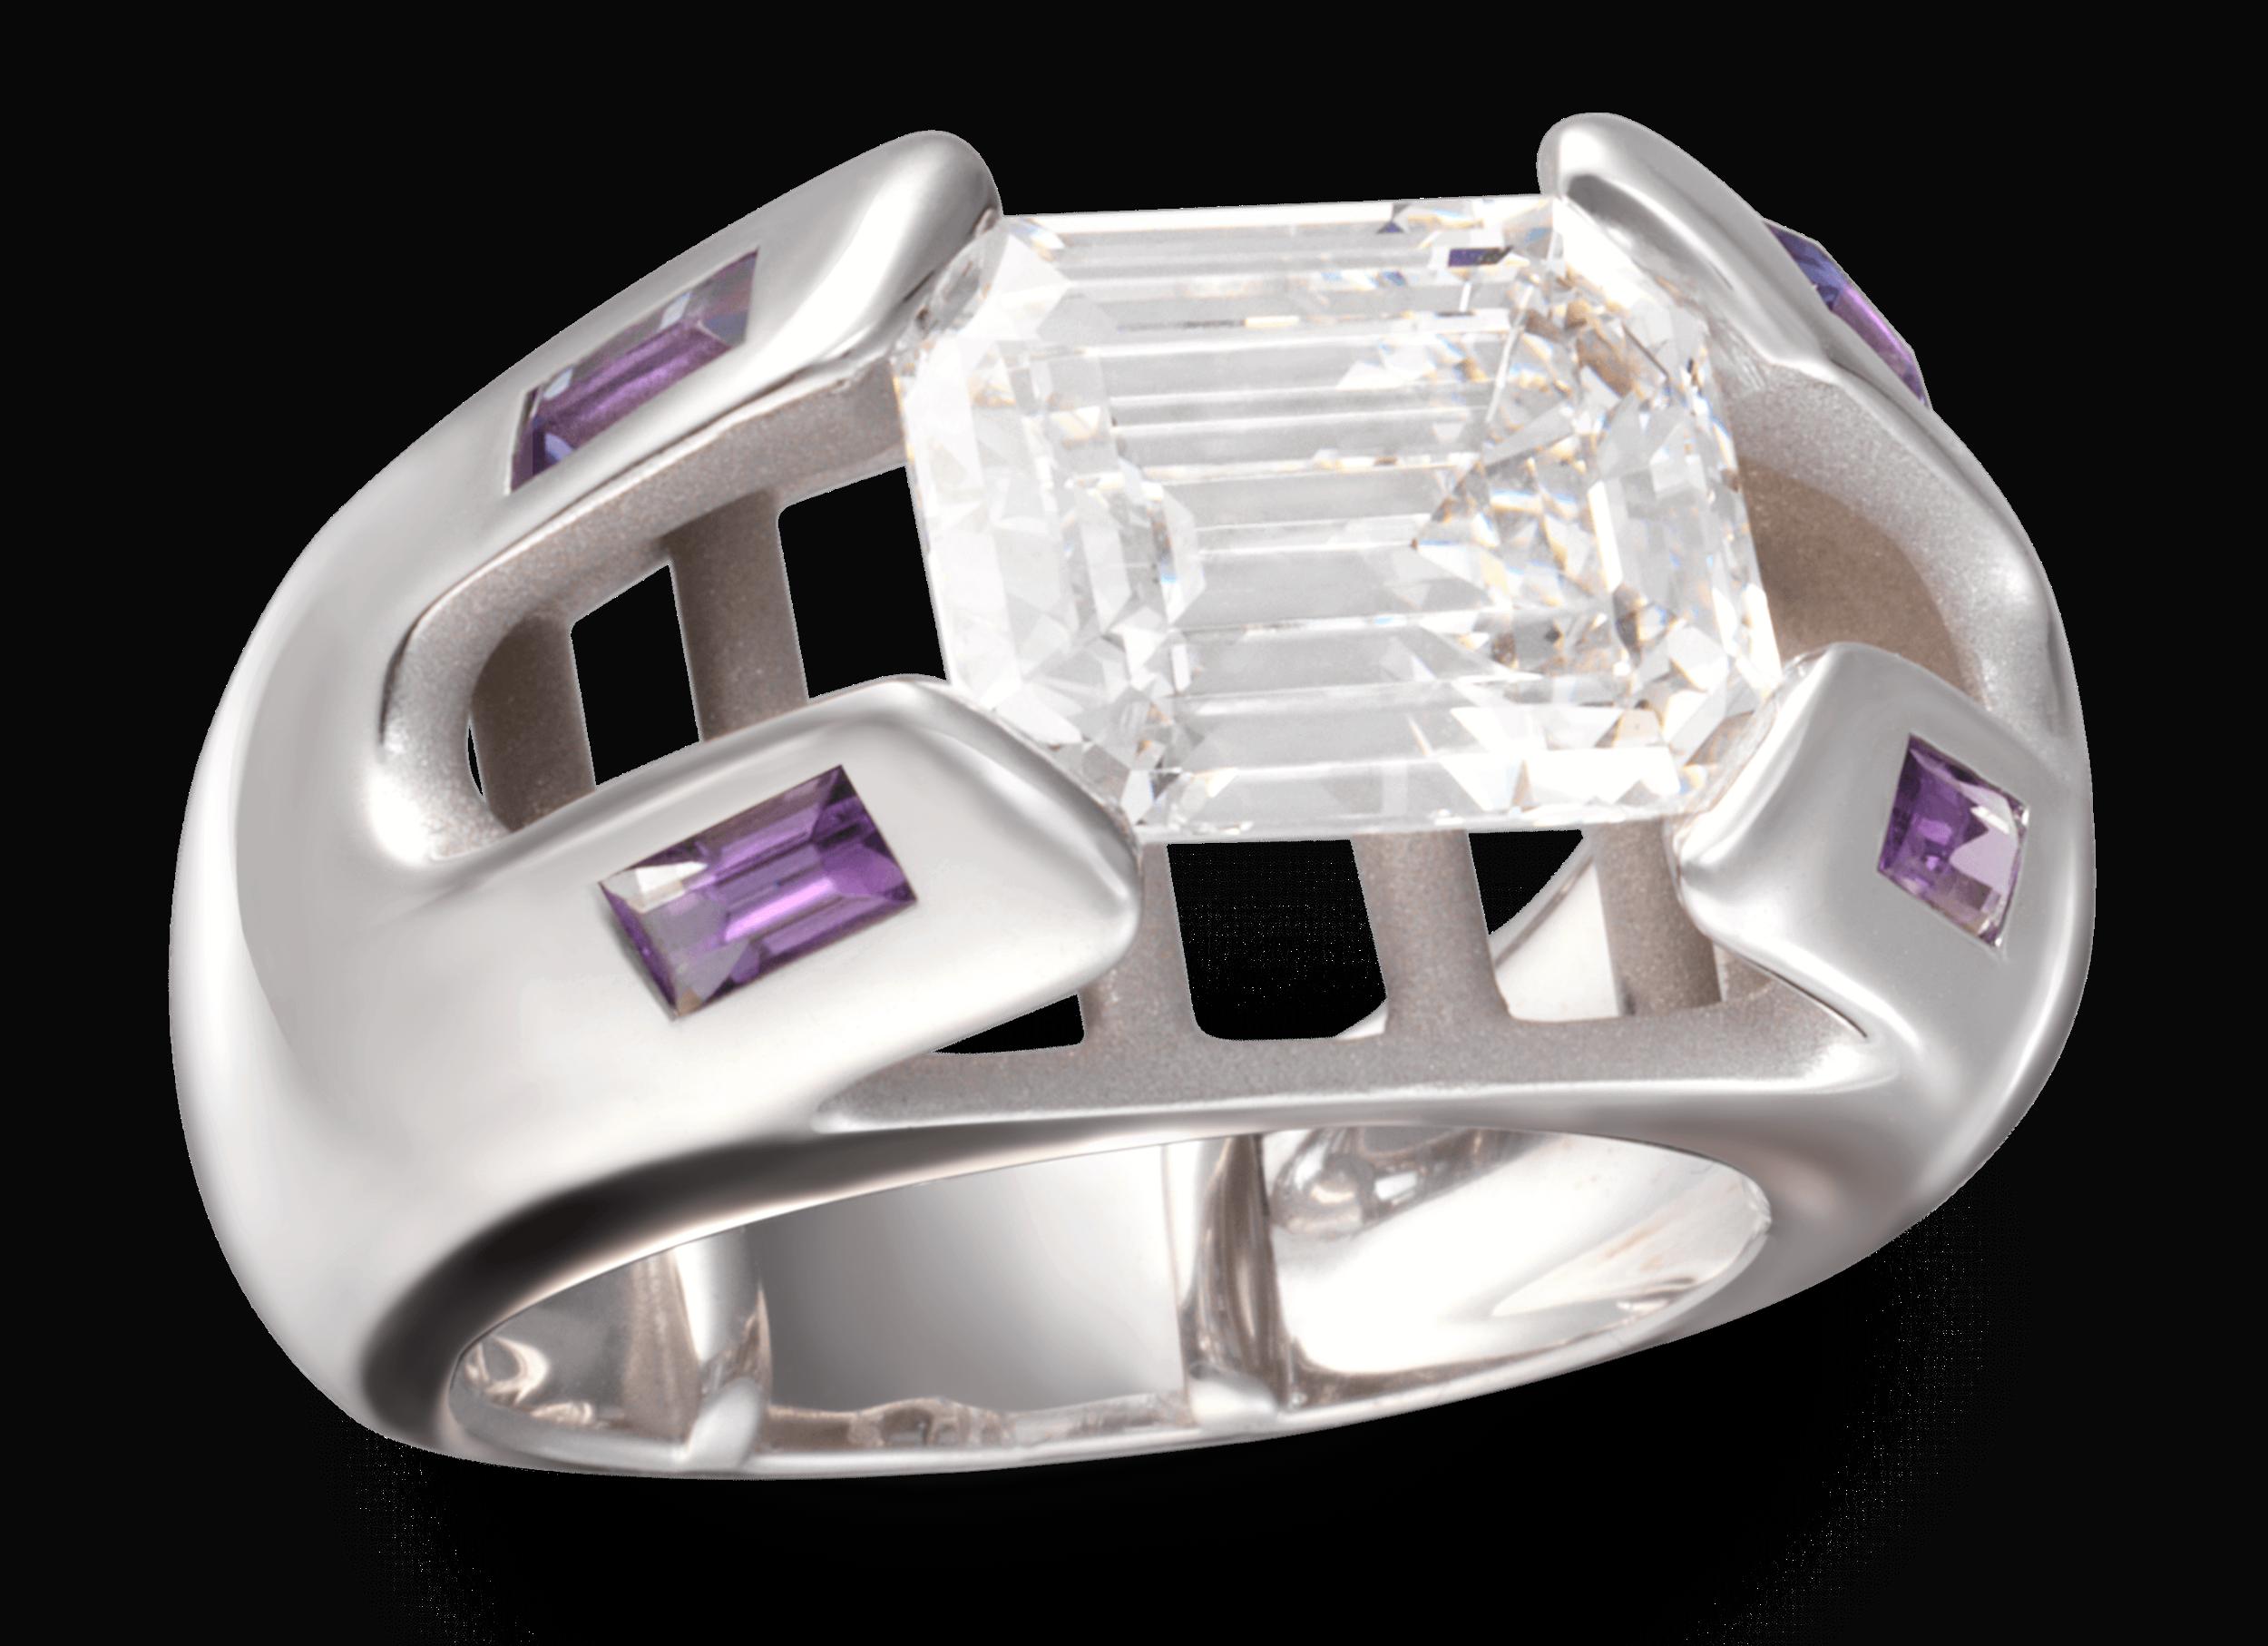 Bague Érica - Monture à partir de 2 800 € plus la pierre centrale.(modèle présenté or blanc et diamant 3,62 carats - prix sur demande)